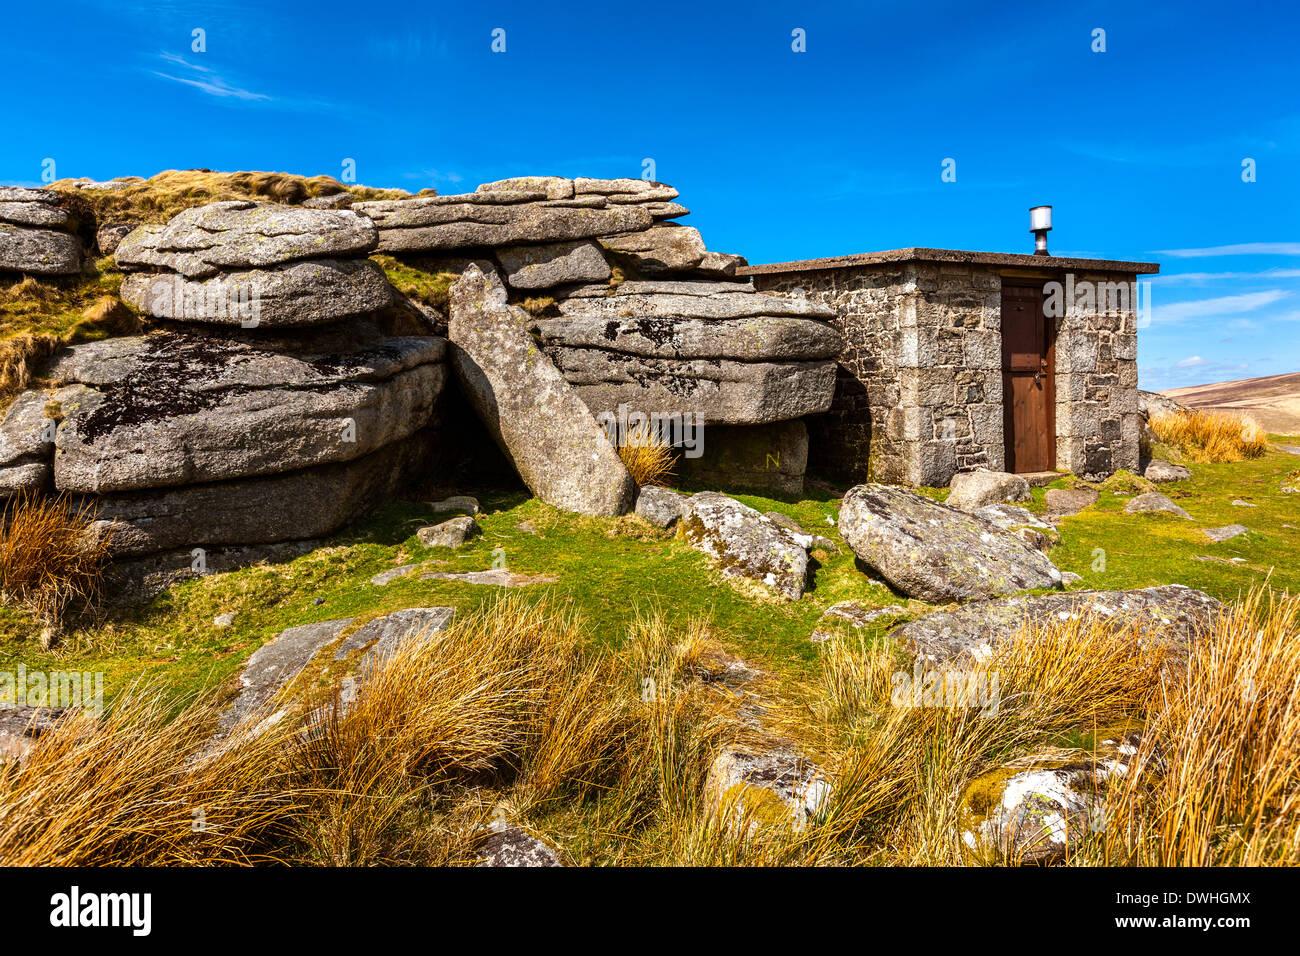 Oke Tor, Dartmoor National Park, Belstone, West Devon, England, UK, Europe. - Stock Image